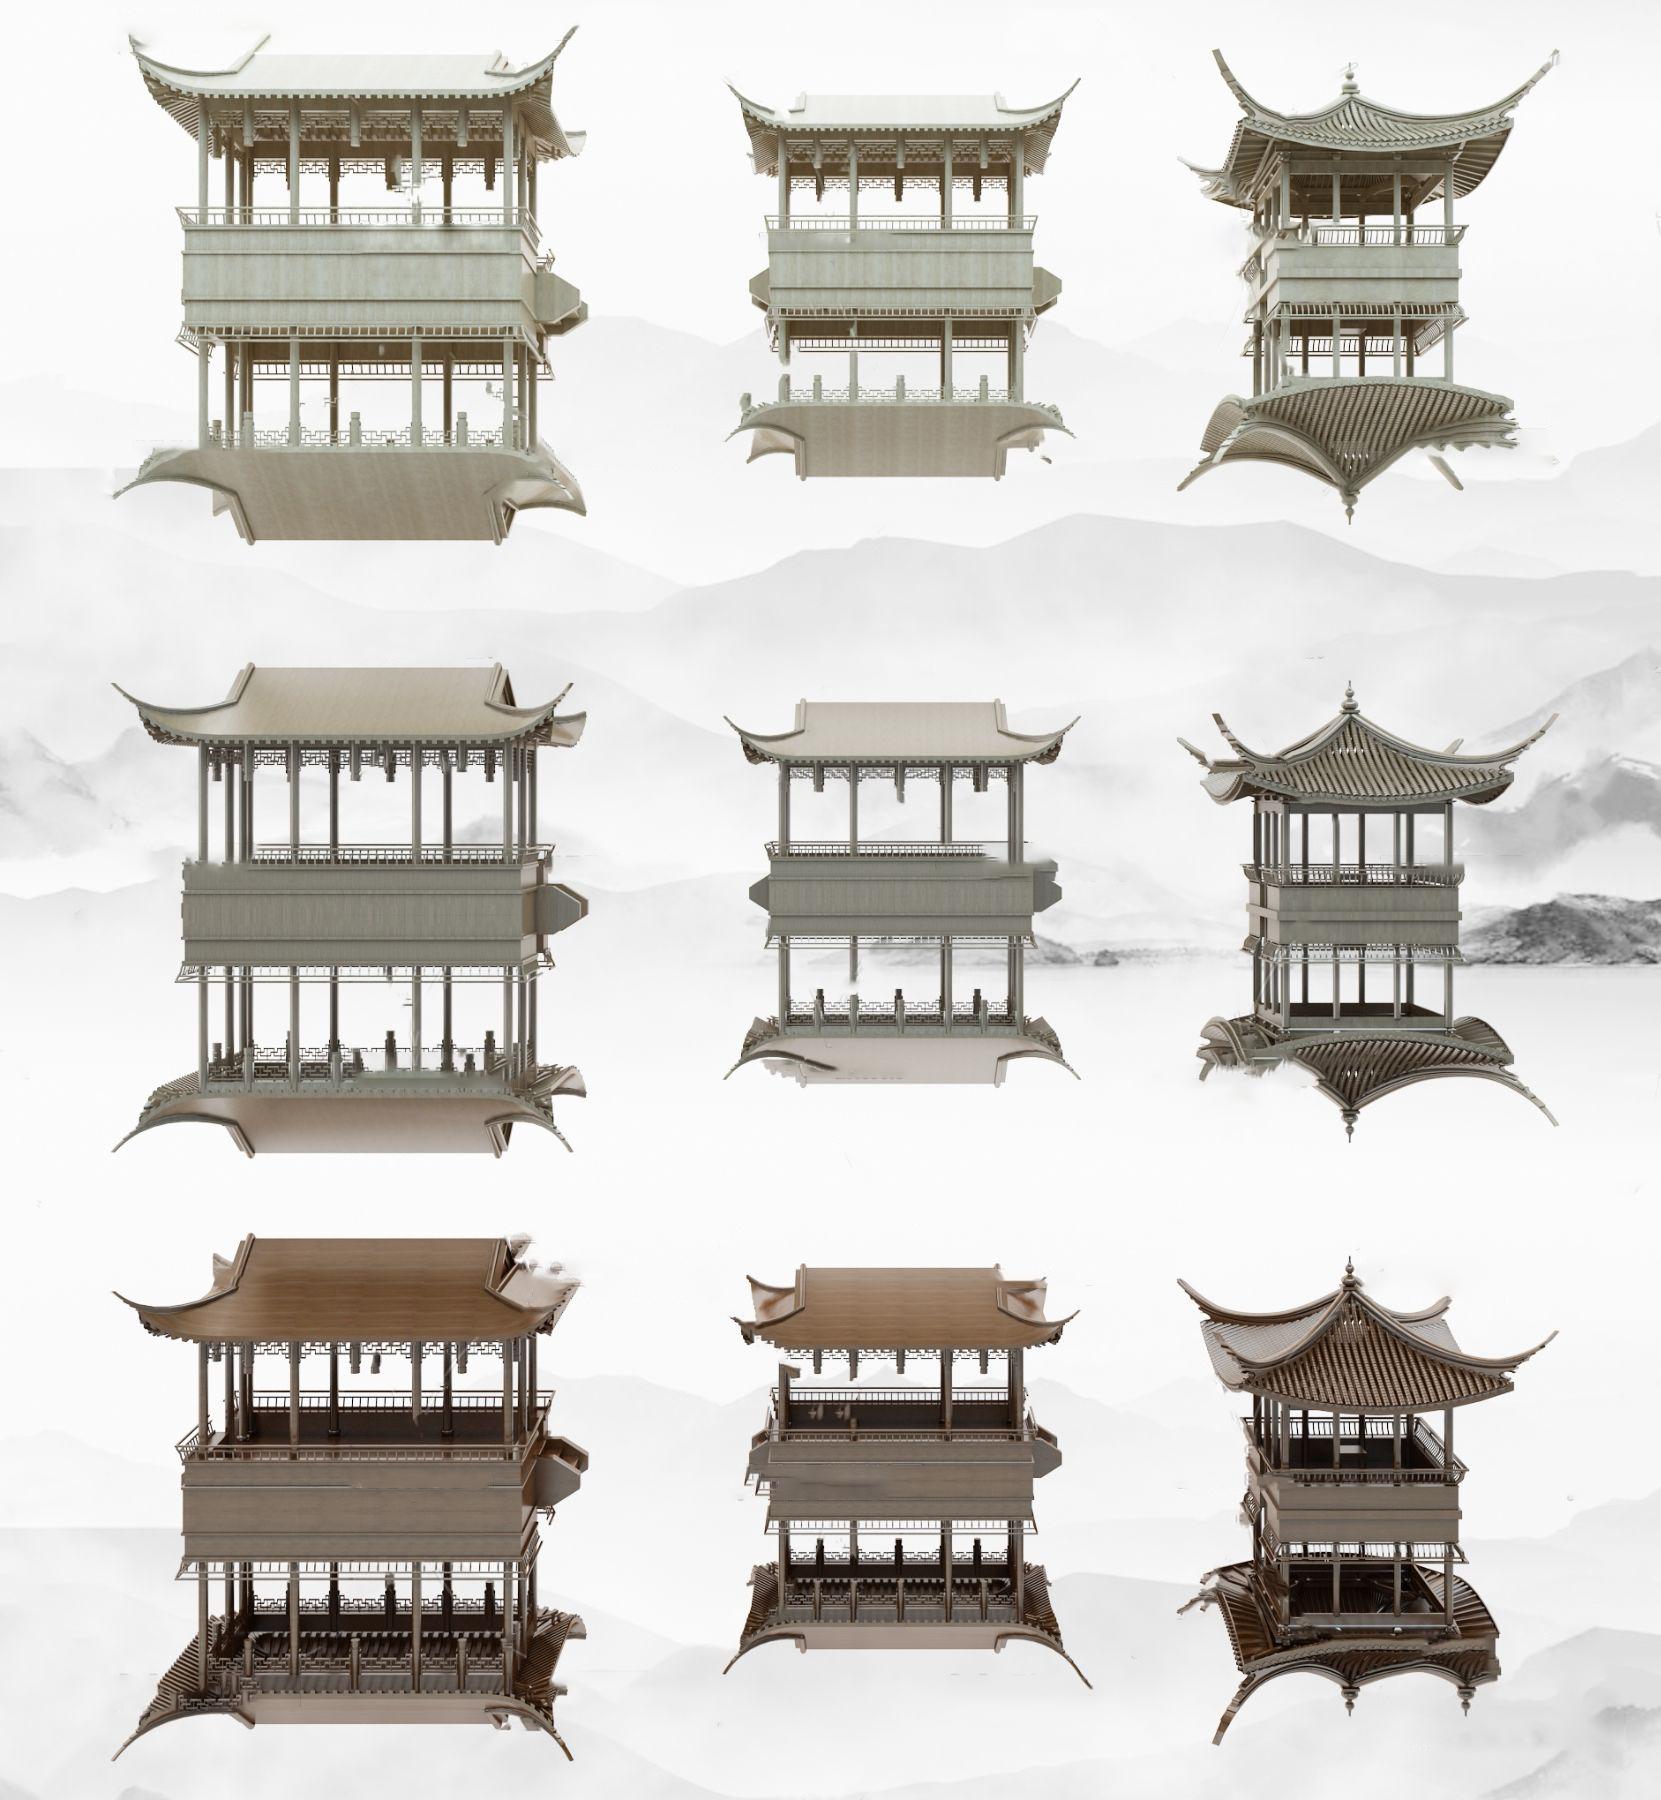 中式徽派建筑古建筑挂件3d模型